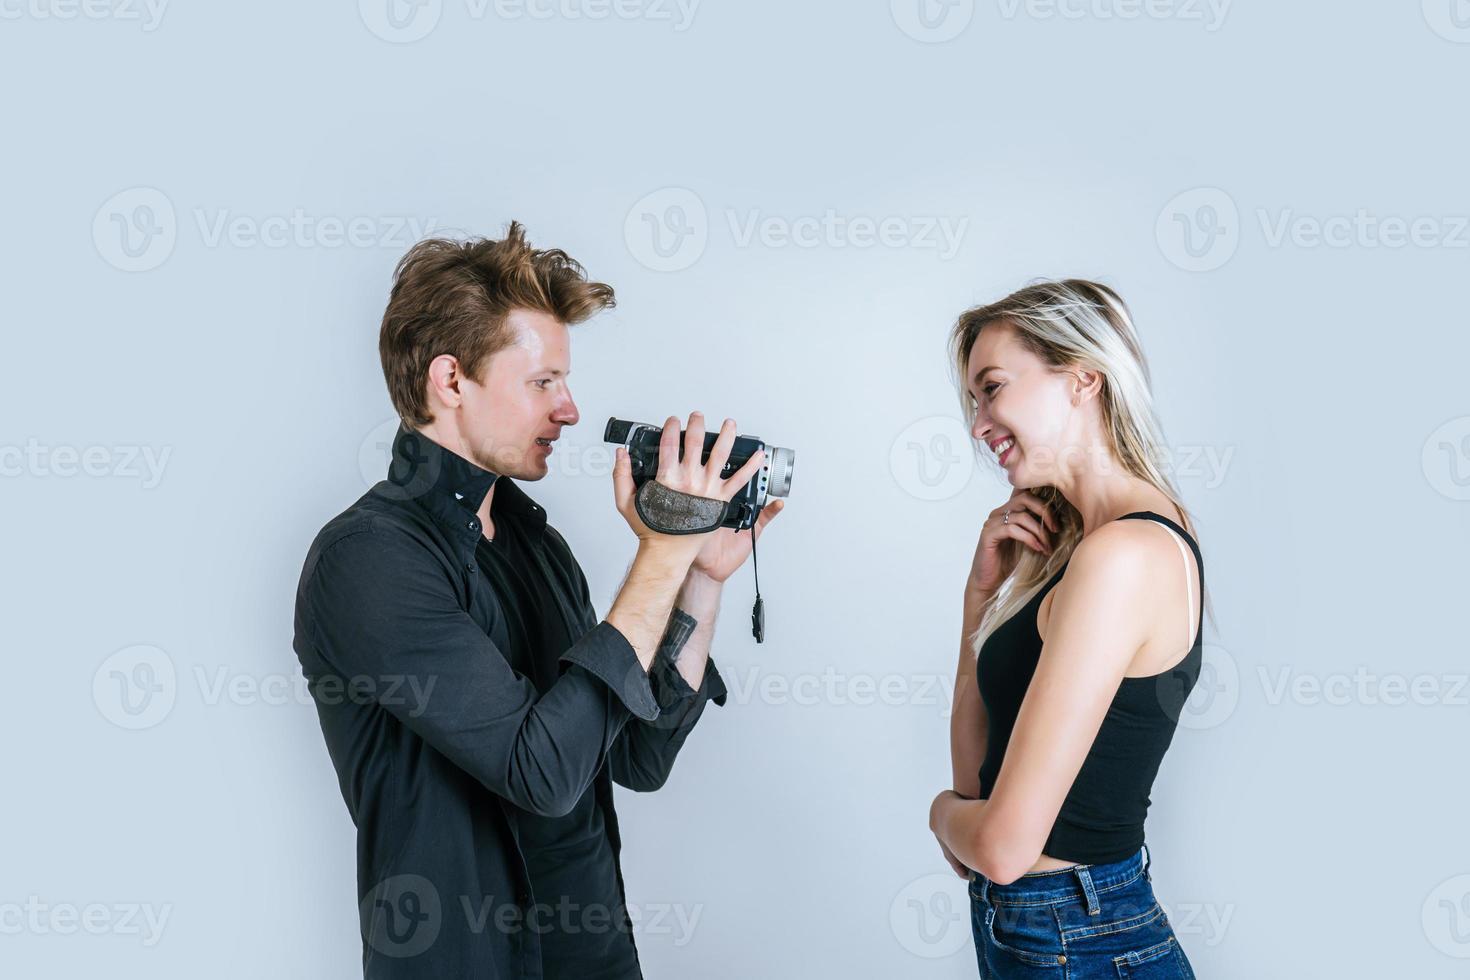 Heureux portrait de couple tenant une caméra vidéo et l'enregistrement d'une vidéo photo